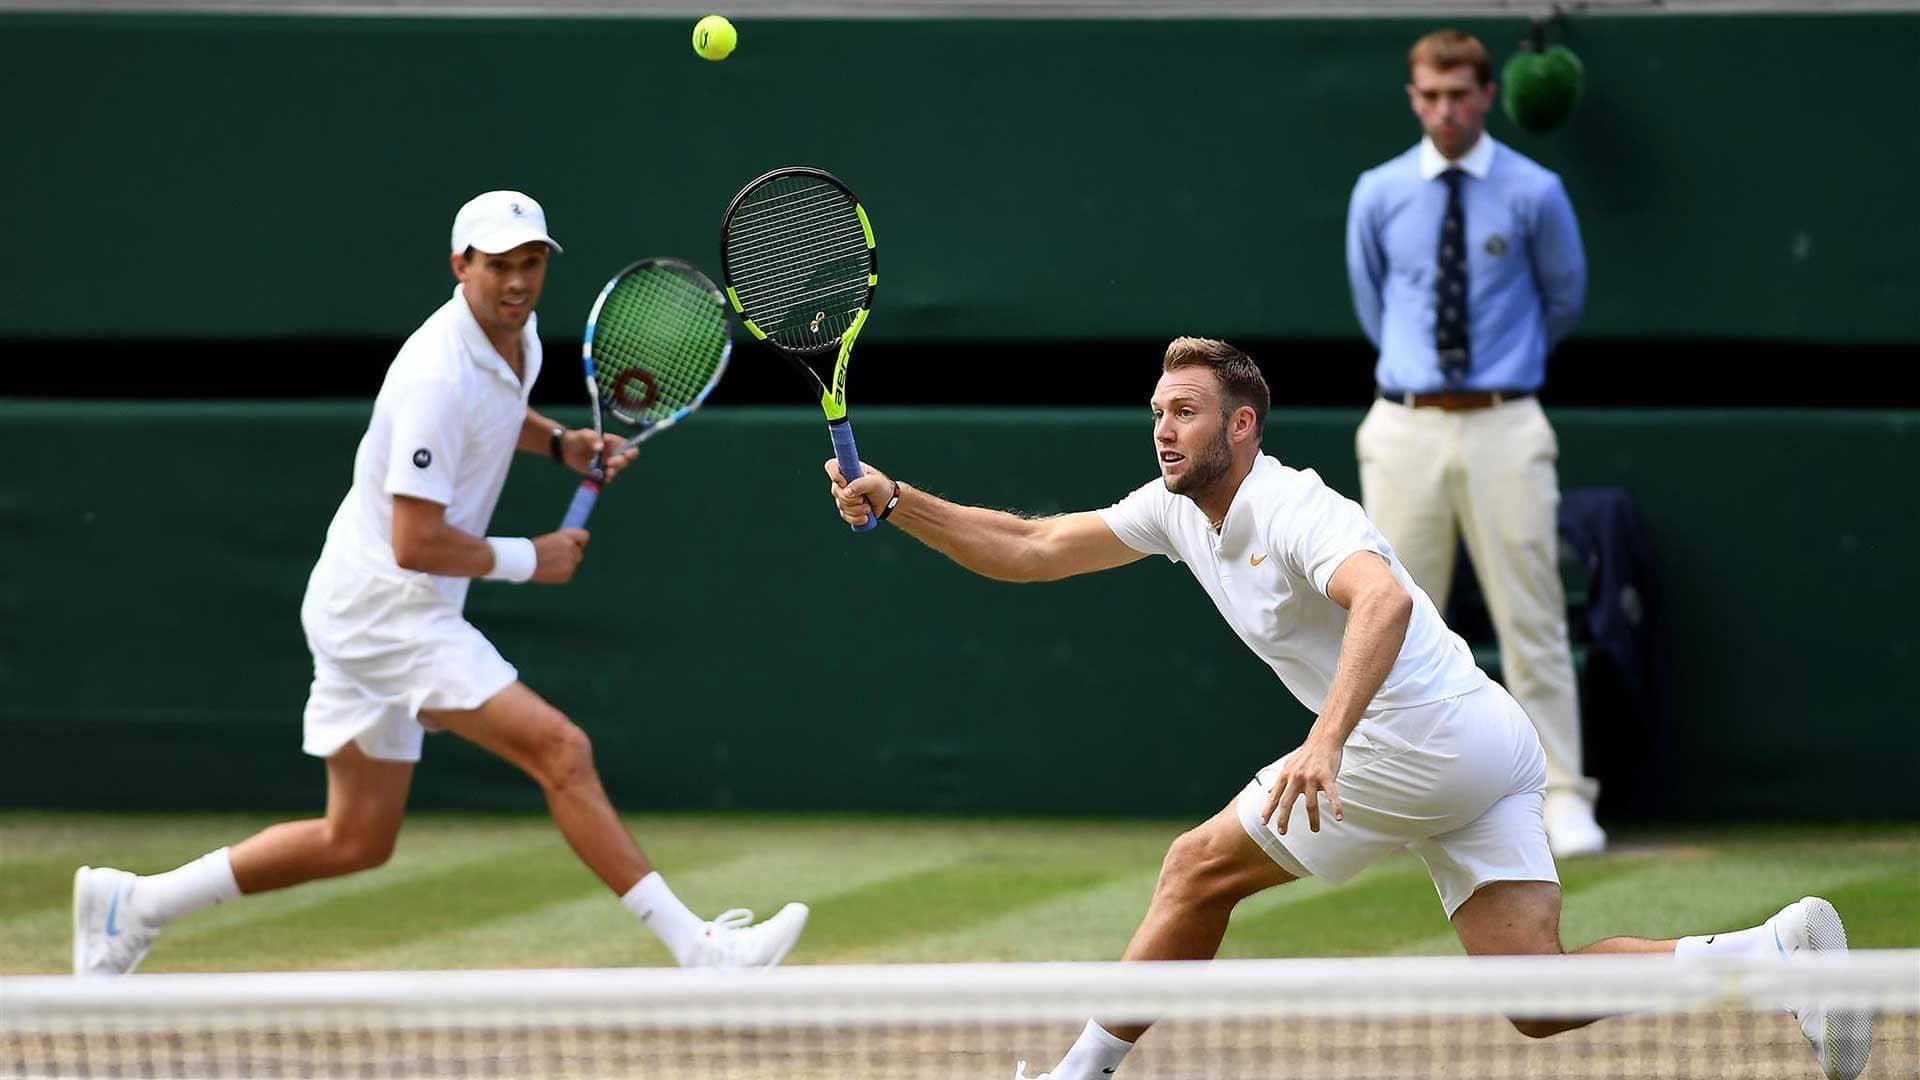 <a href='https://www.atpworldtour.com/en/tournaments/wimbledon/540/overview'>Wimbledon</a>